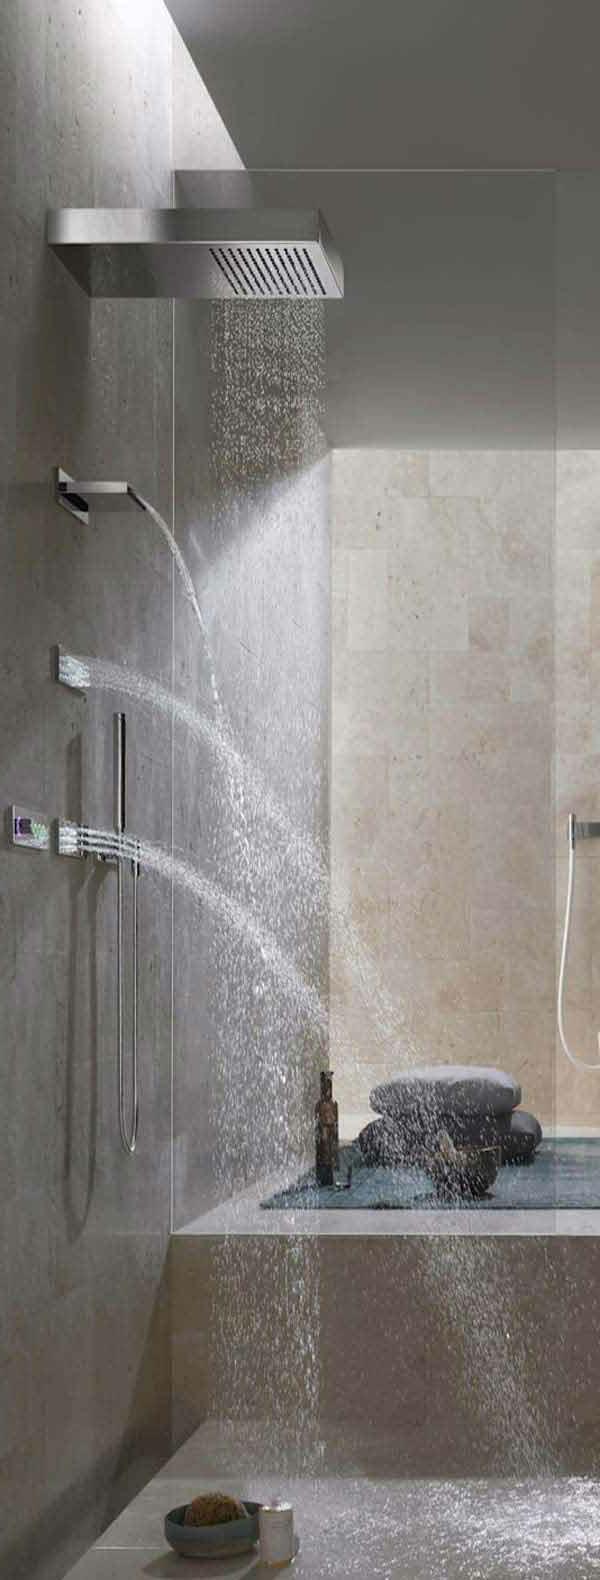 douche-pluie-idées-pour-la-salle-de-bains-moderne